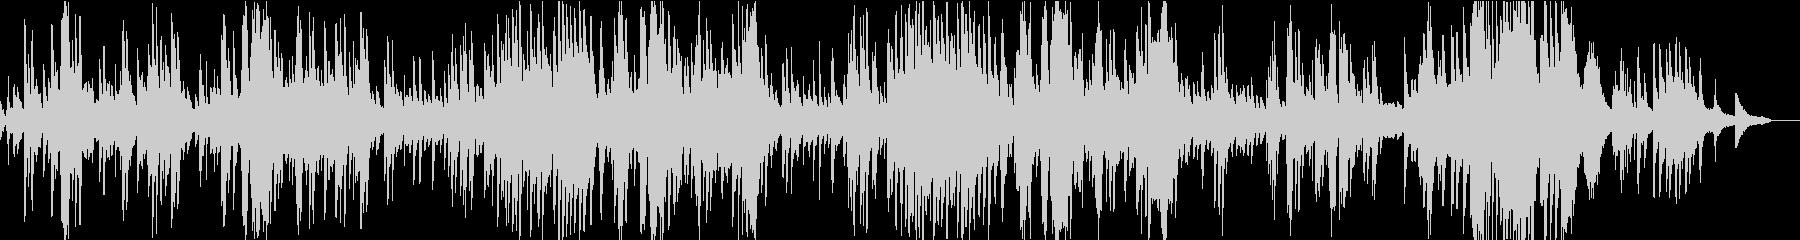 ショパンのノクターン第2番の未再生の波形